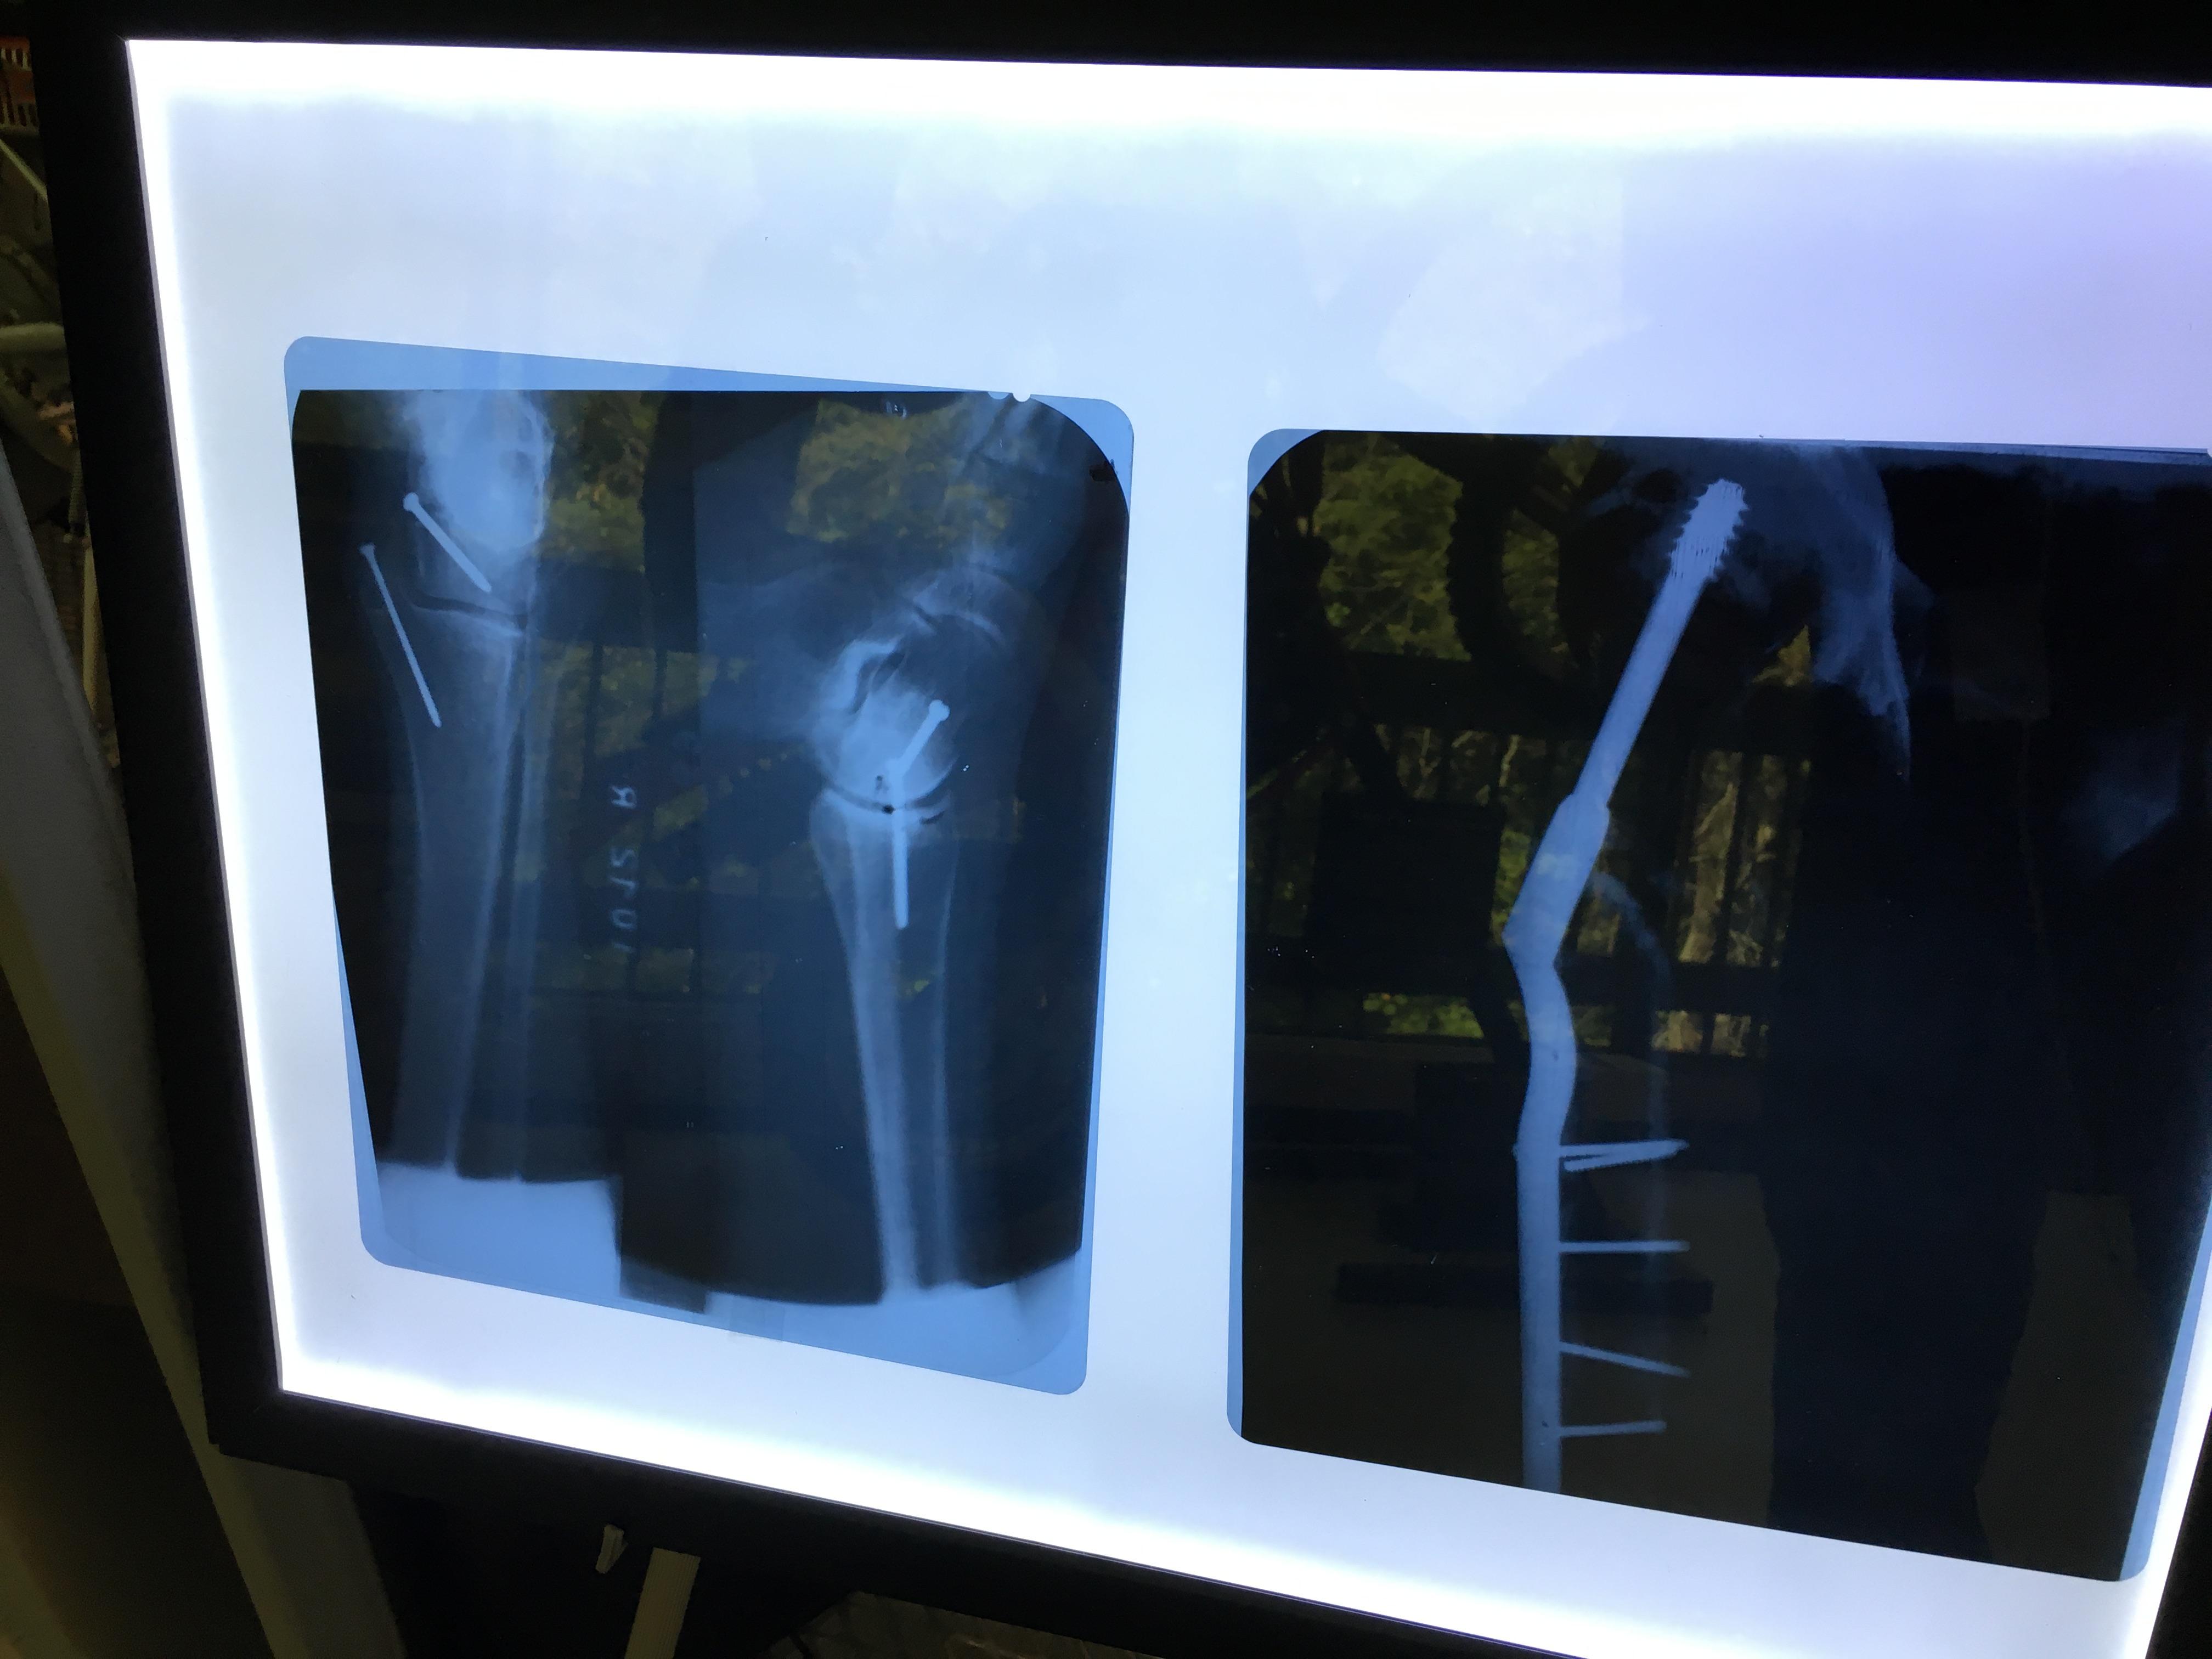 Evel Knievel's X Rays